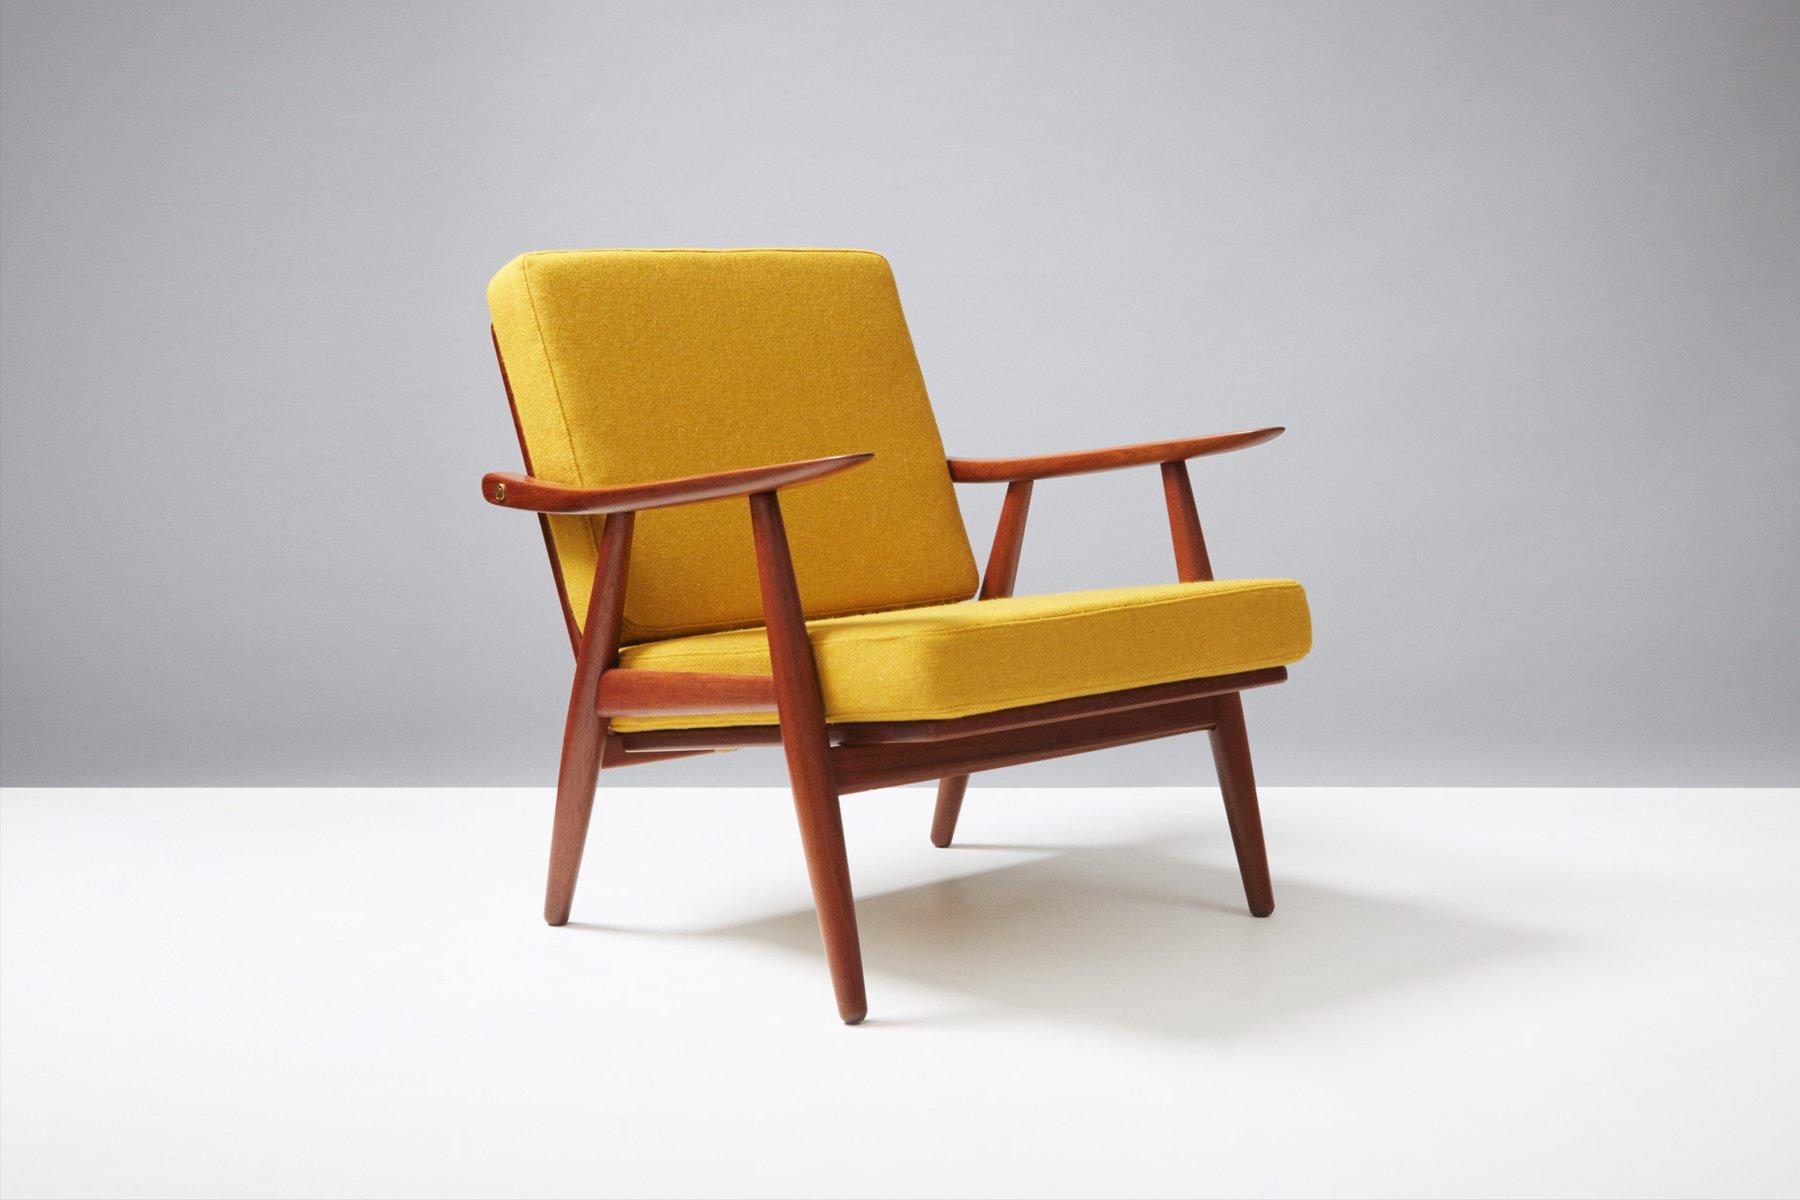 GE 270 Teak Sessel von Hans Wegner für Getama, 1950er bei Pamono kaufen